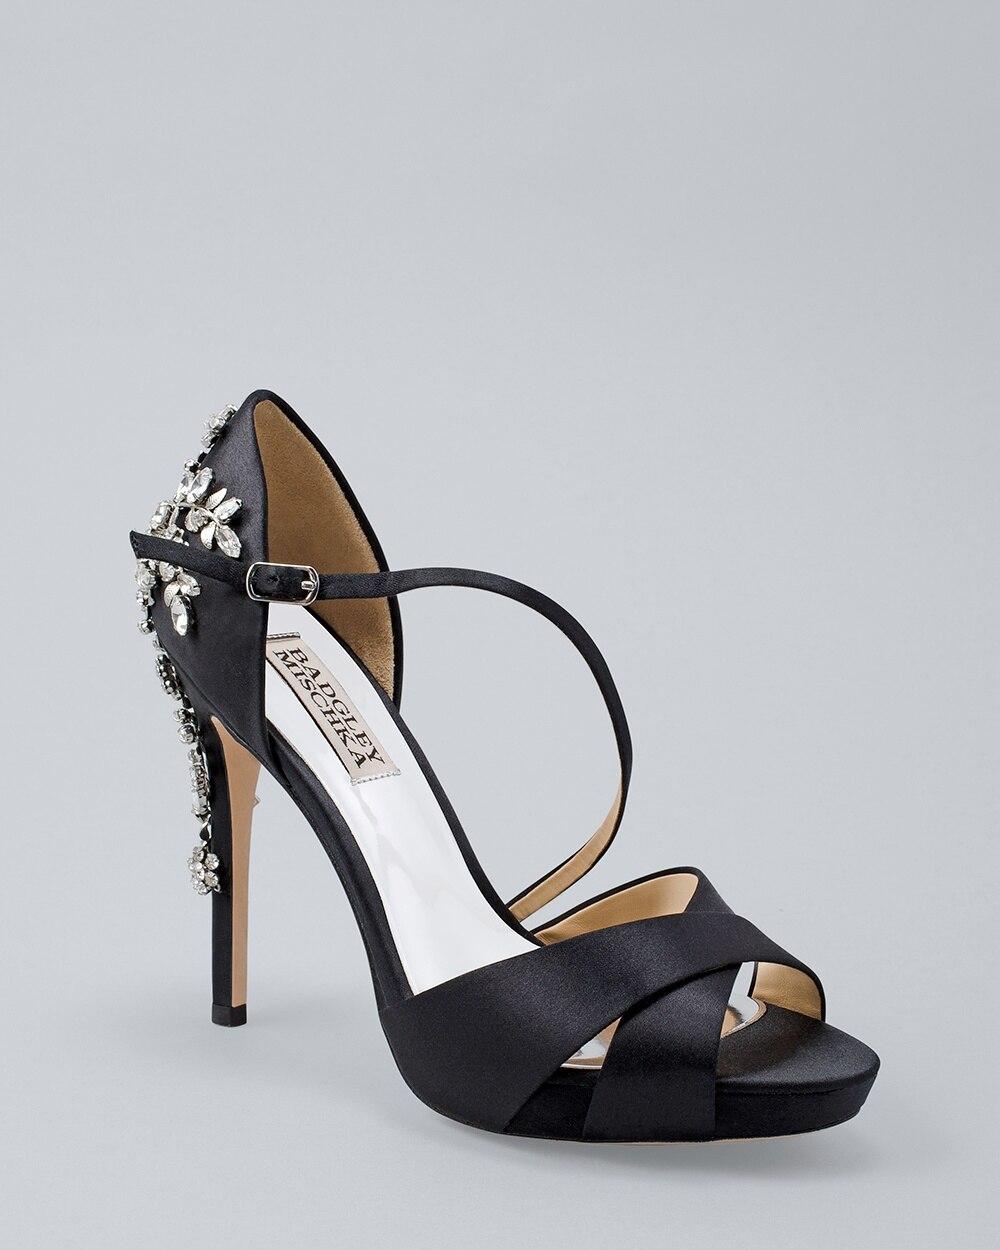 6988a4501d Badgley Mischka Fame Embellished Satin Peep-Toe Platform Heels - White  House Black Market